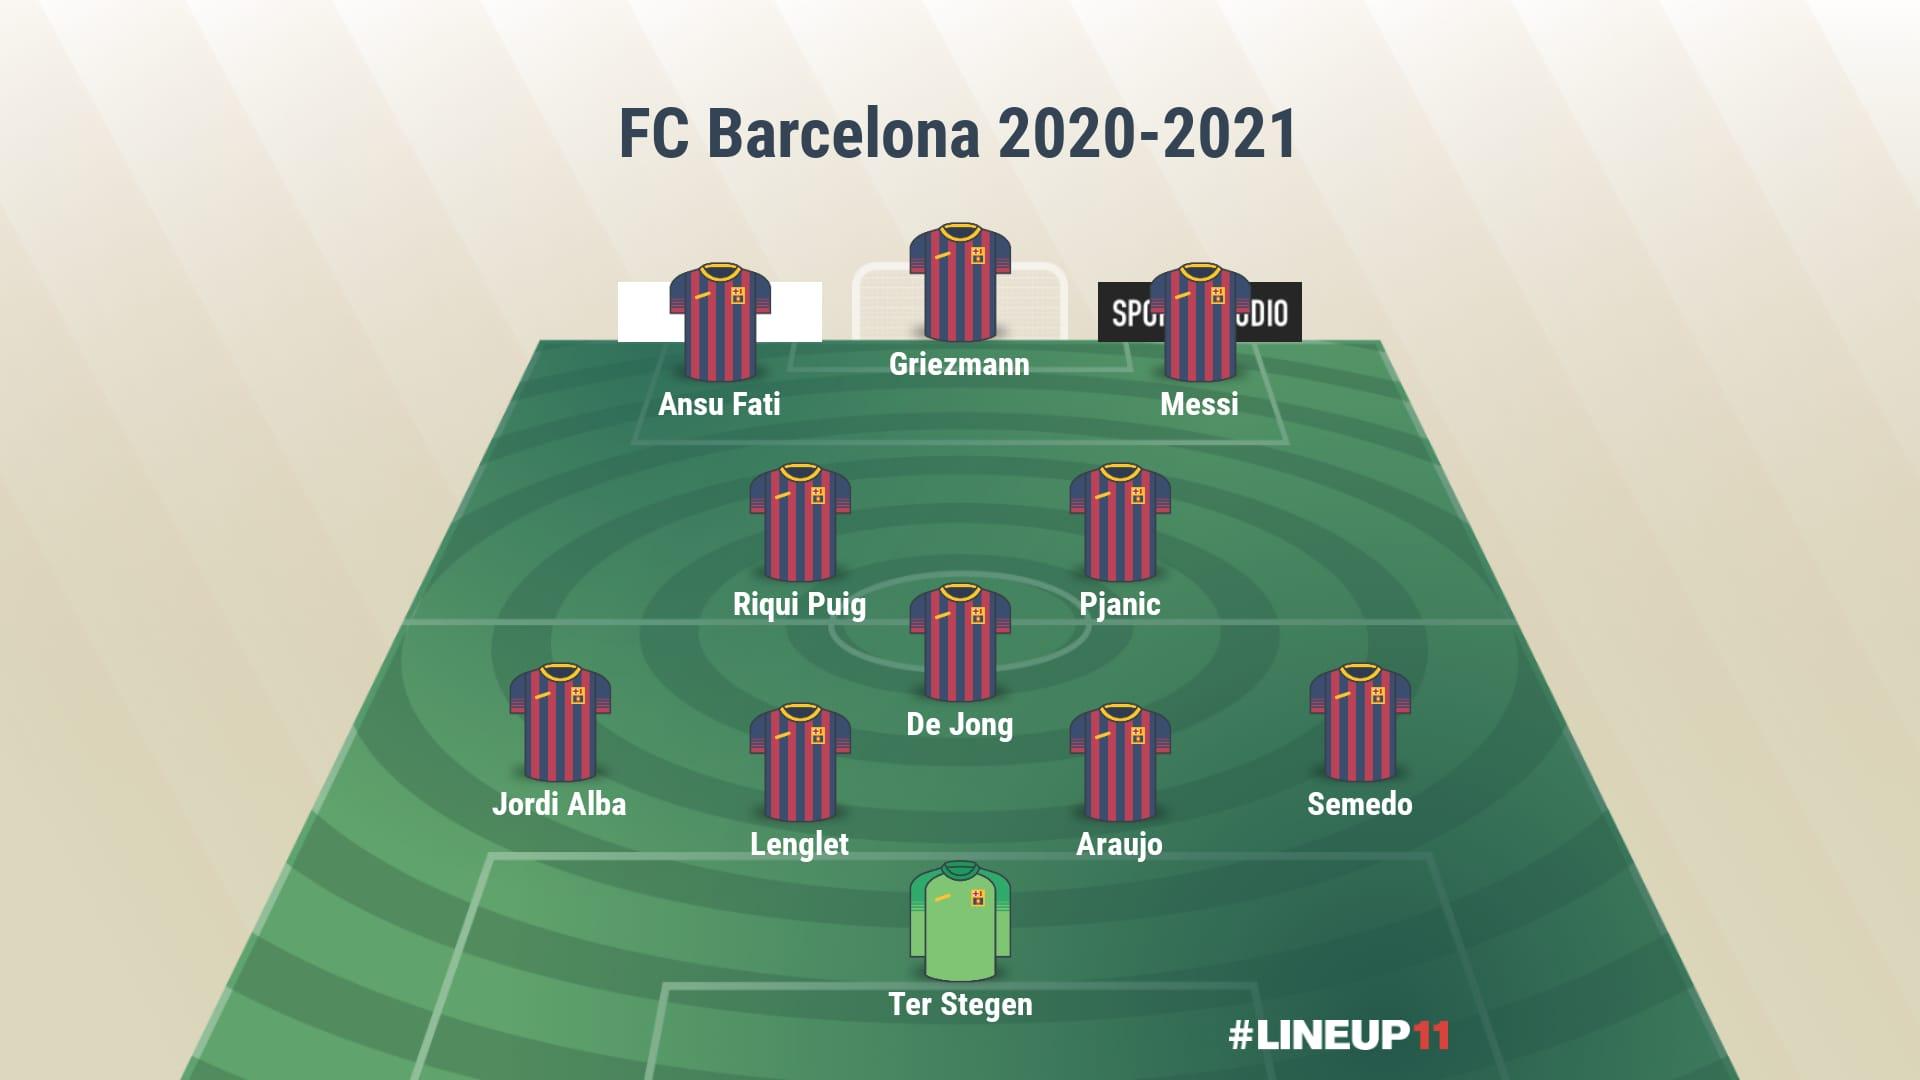 Posible alineación del FC Barcelona 2020-2021 con Koeman